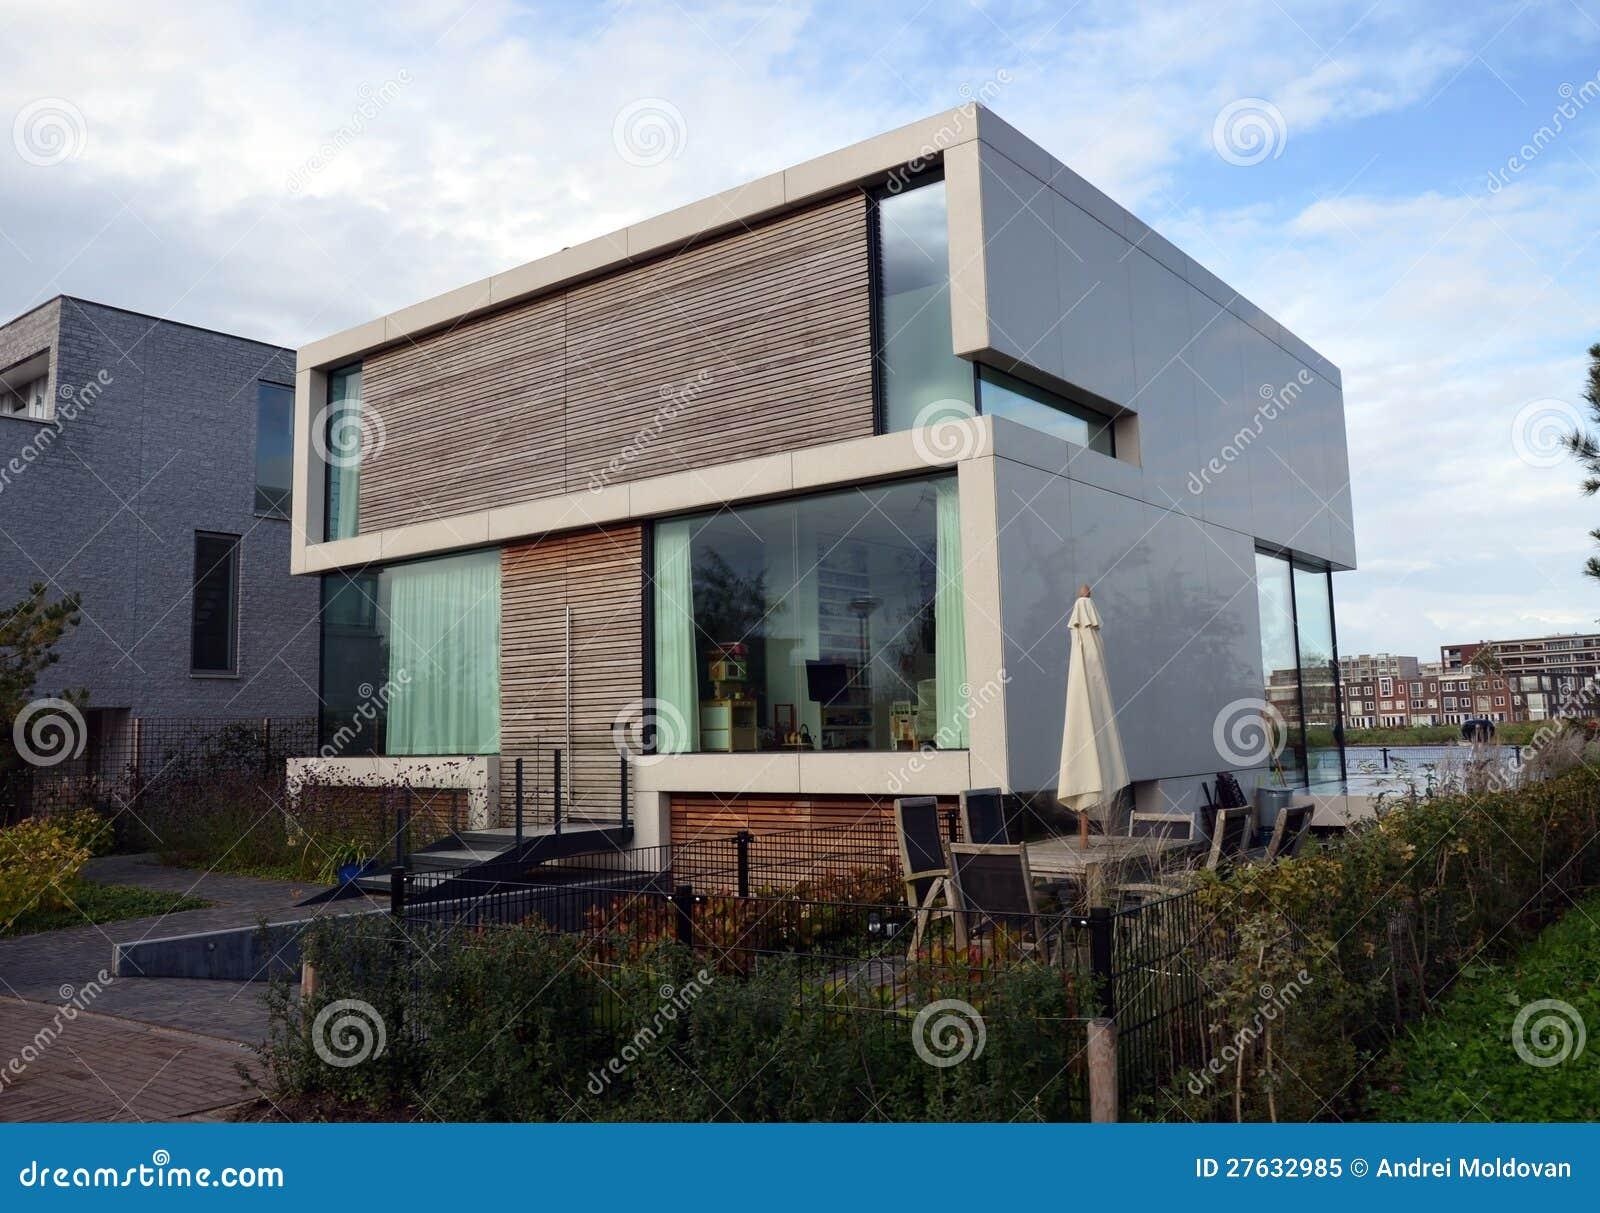 Huis Modern Huis : Modern huis met tuin in amsterdam stock afbeelding afbeelding